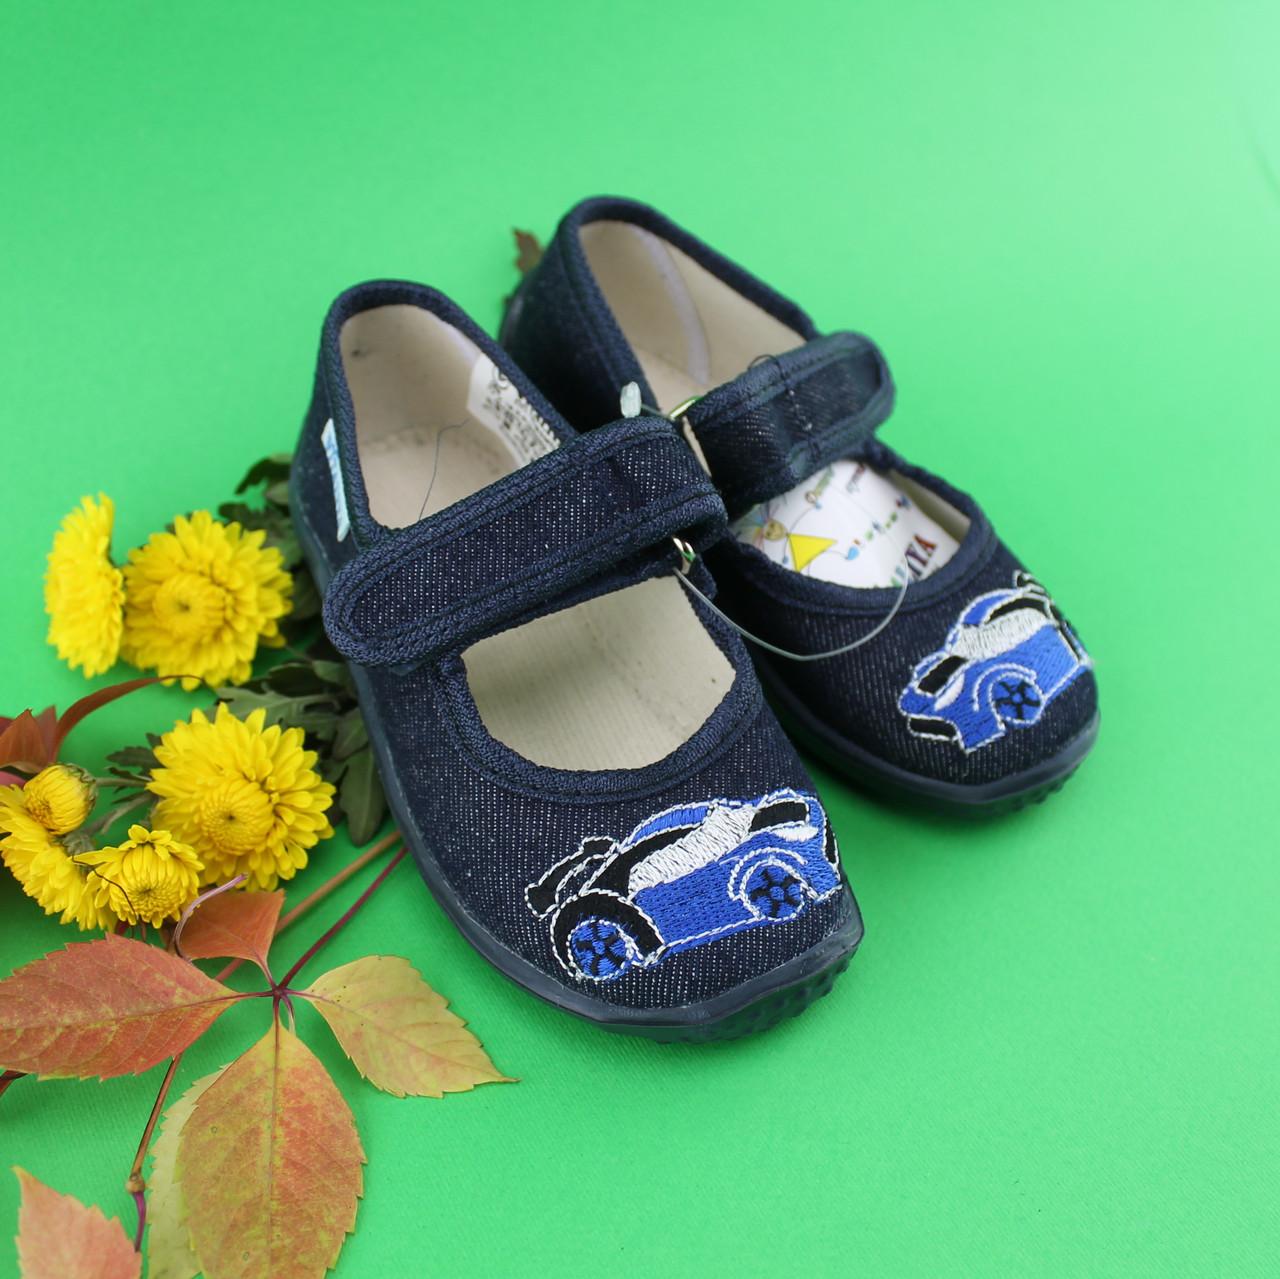 Тапочки для садика мальчику текстильная обувь тм Виталия Украина размер 23